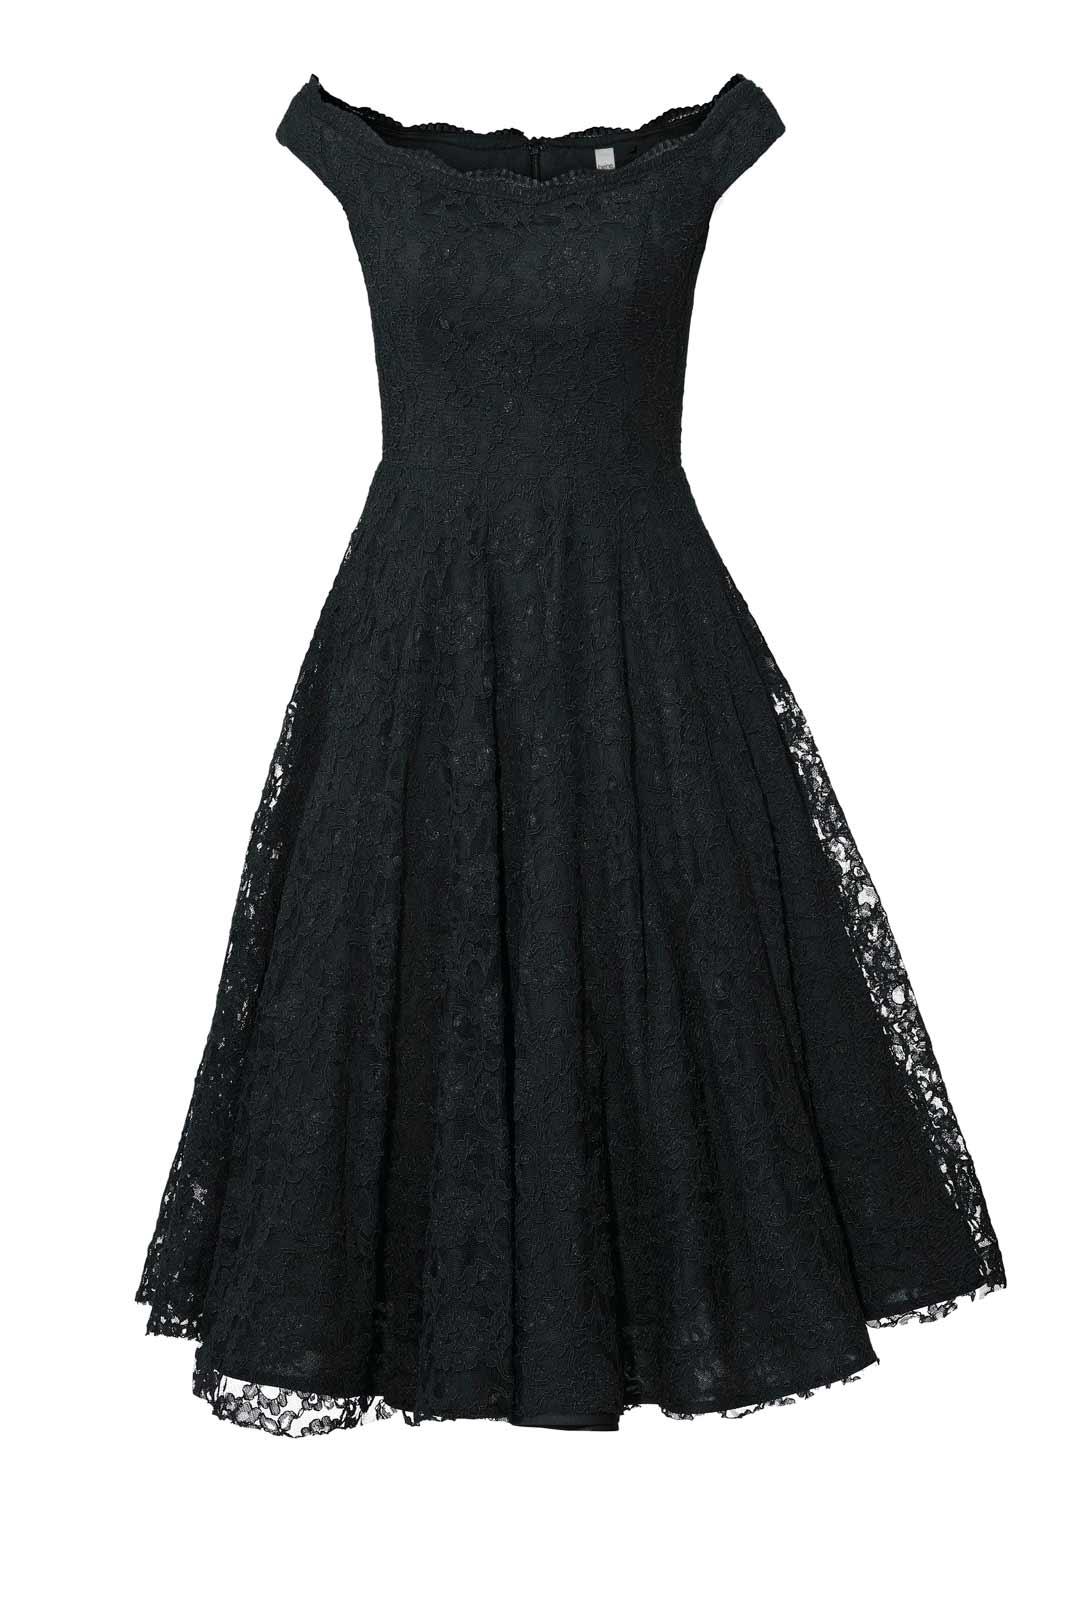 kurzes kleid für besondere anlässe Heine Cocktailkleid mit Petticoat schwarz 032.944 Missforty